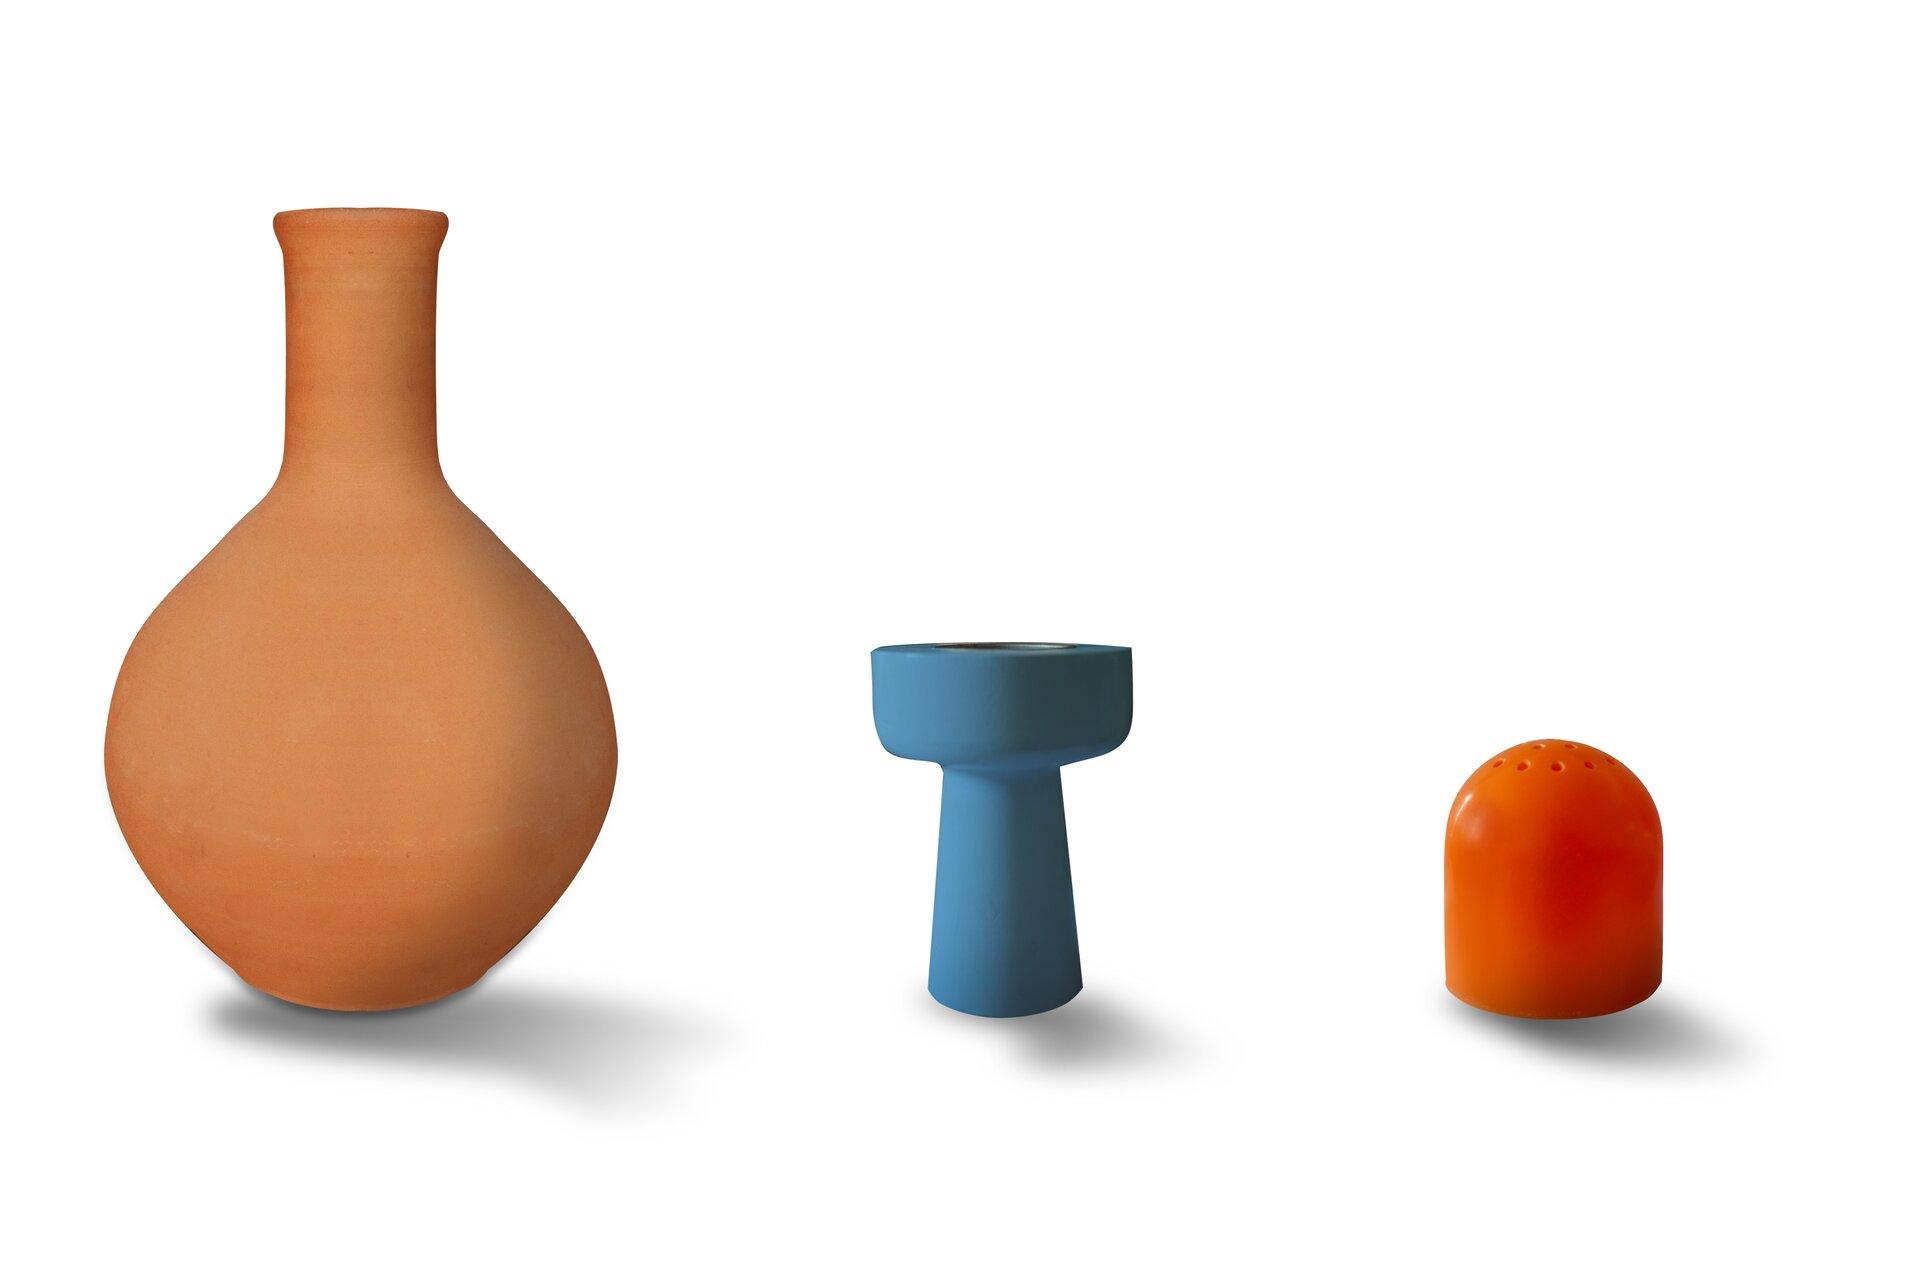 Rysunek trzech brył obrotowych: wazonu, pieczęci, solniczki.